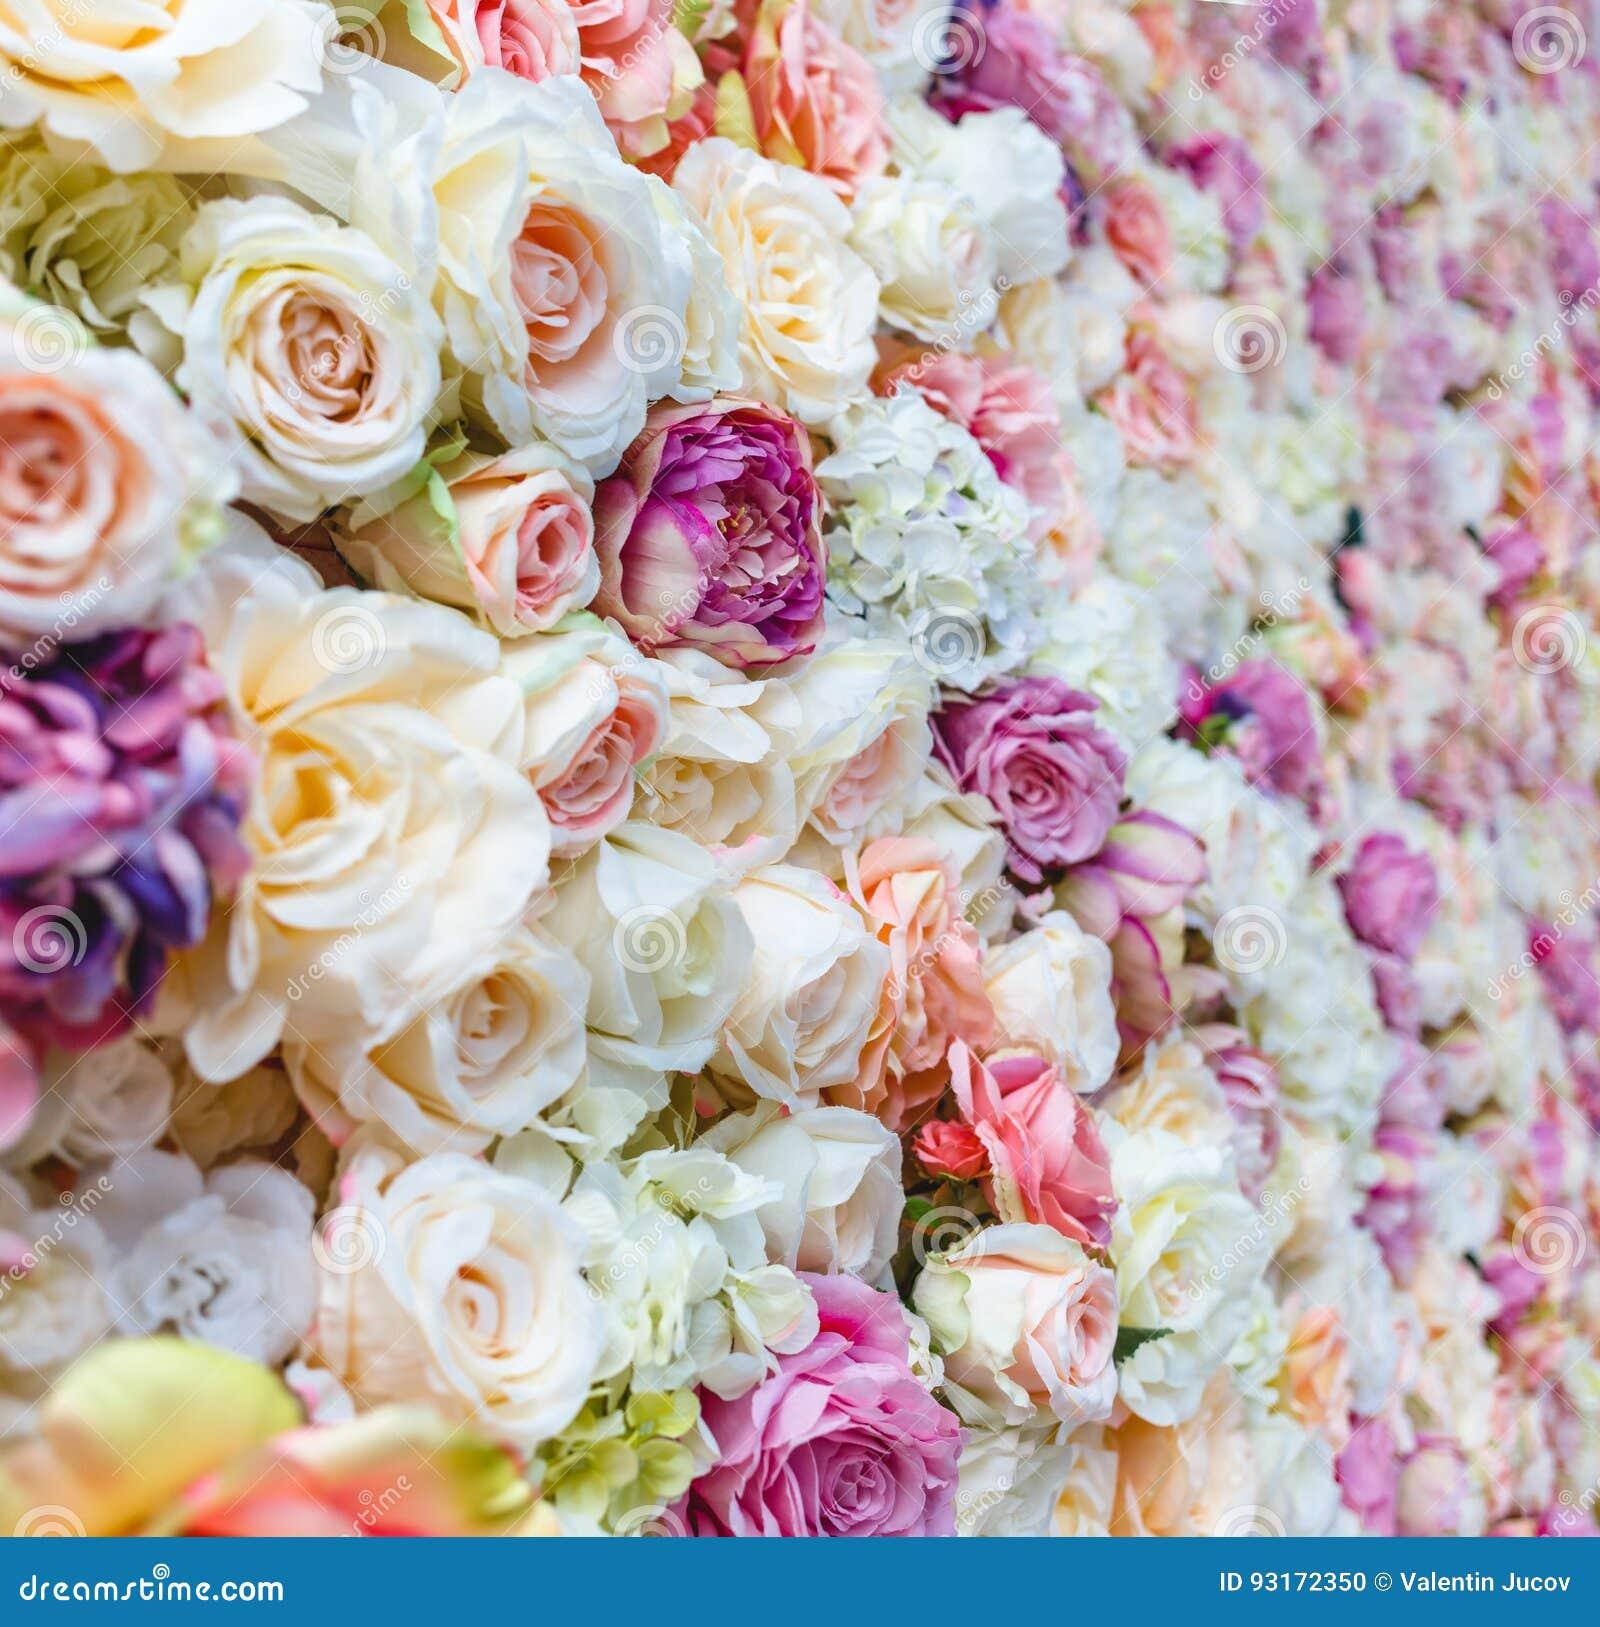 Fundo da parede das flores com surpresa de rosas vermelhas e brancas, decoração do casamento